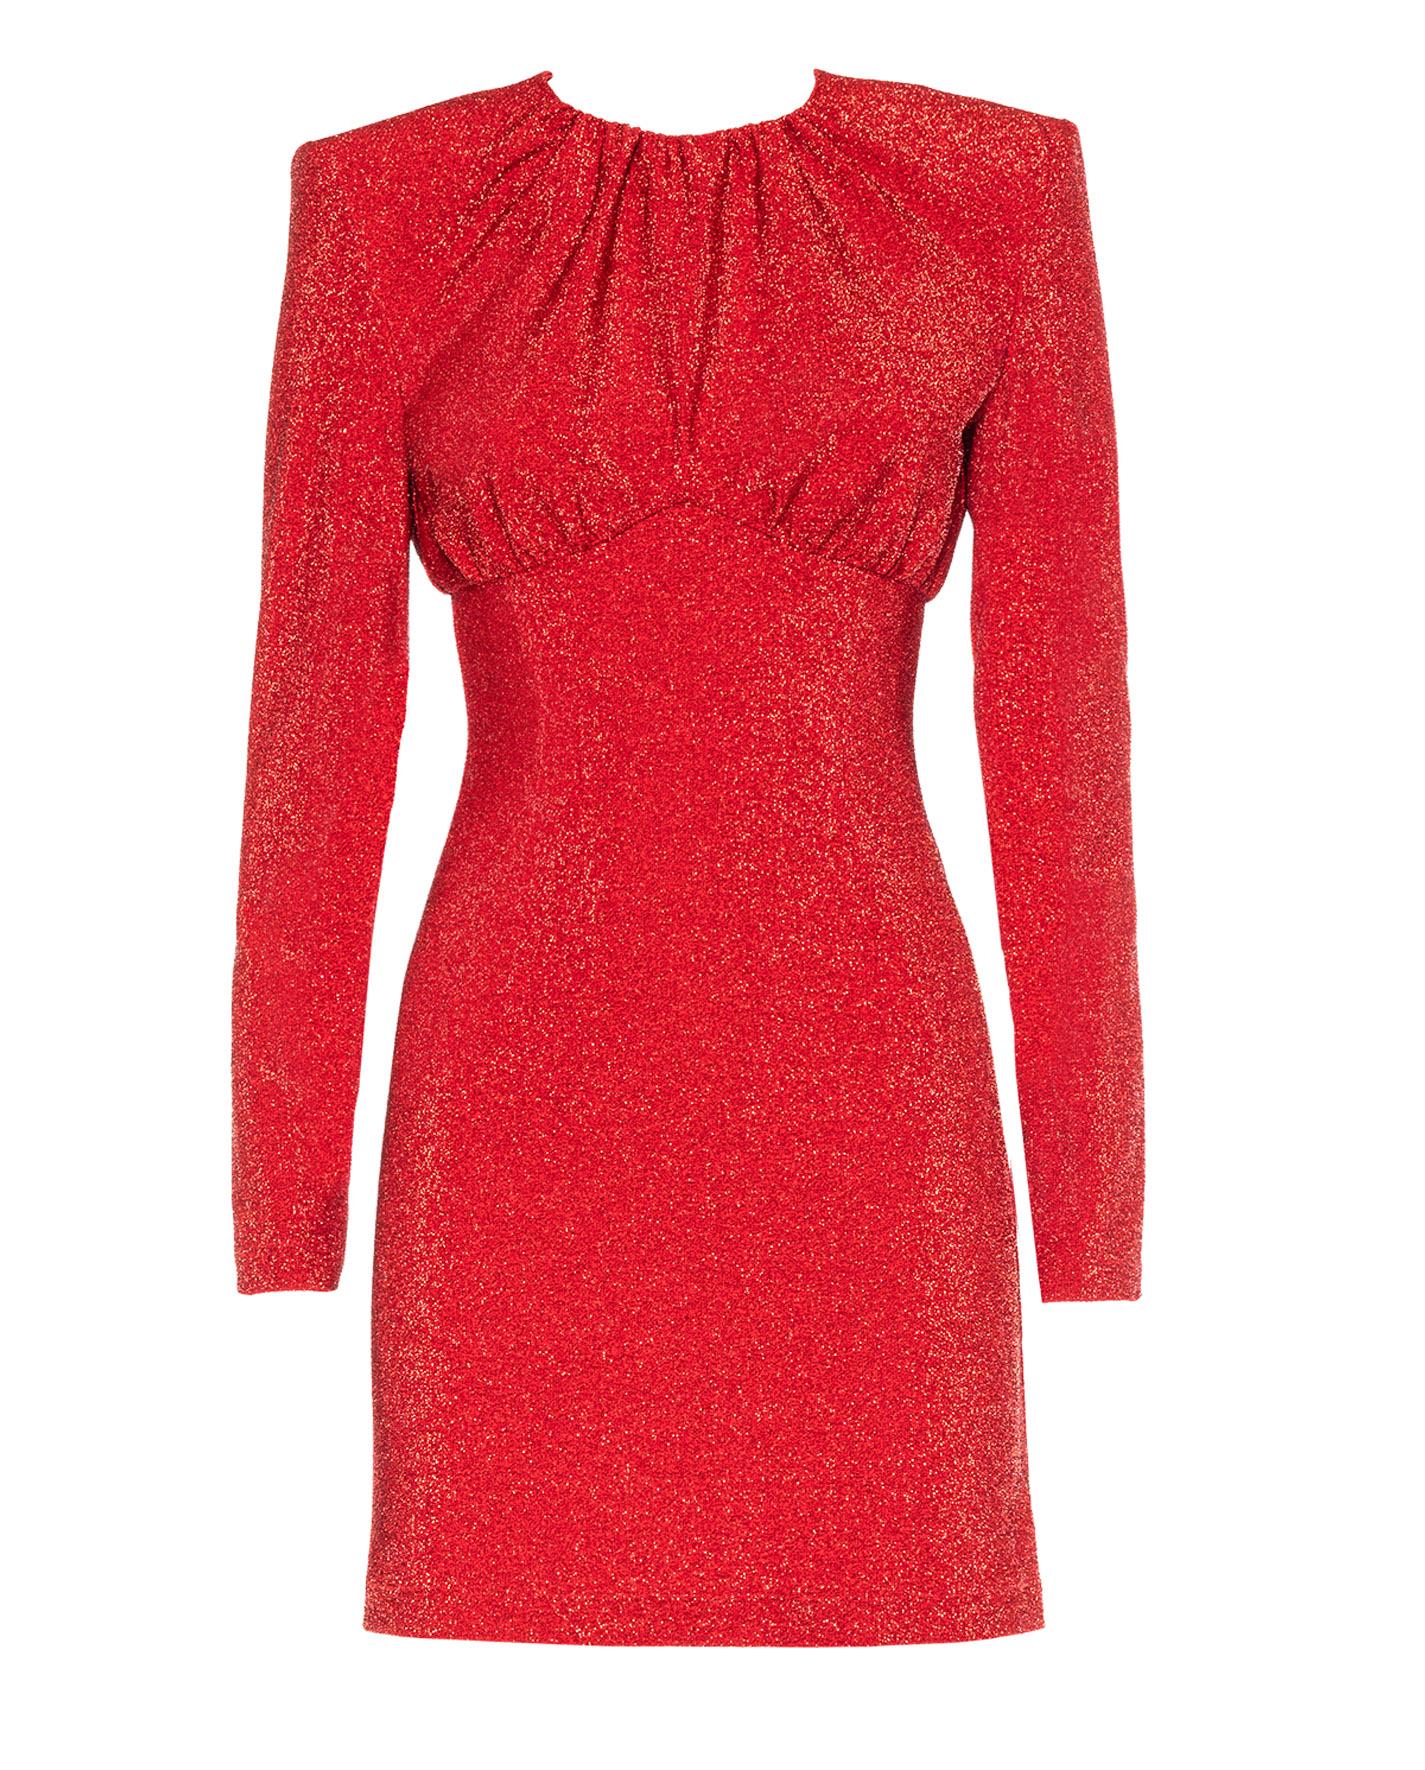 sara-battaglia-mini-lurex-red-dress